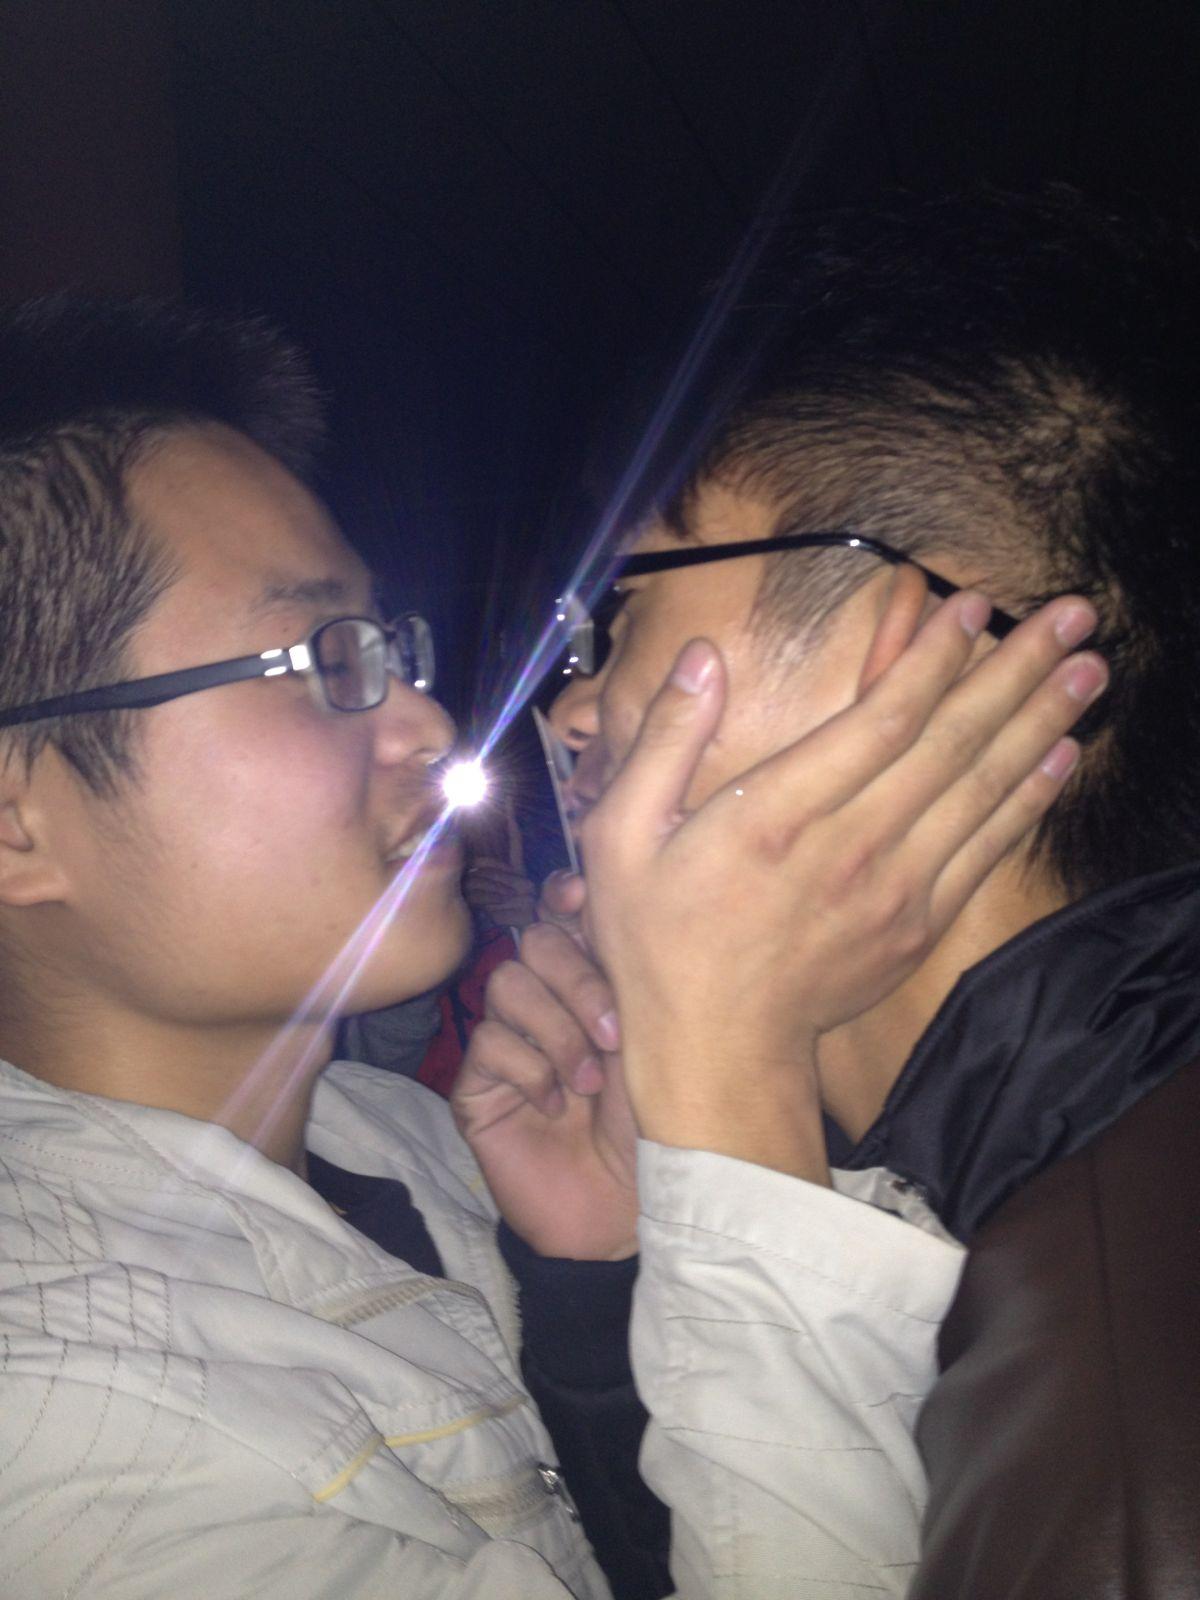 的肚子搞大了 宋林案锁定新老虎 江西土豪炫富吸人奶 2015乡村医生